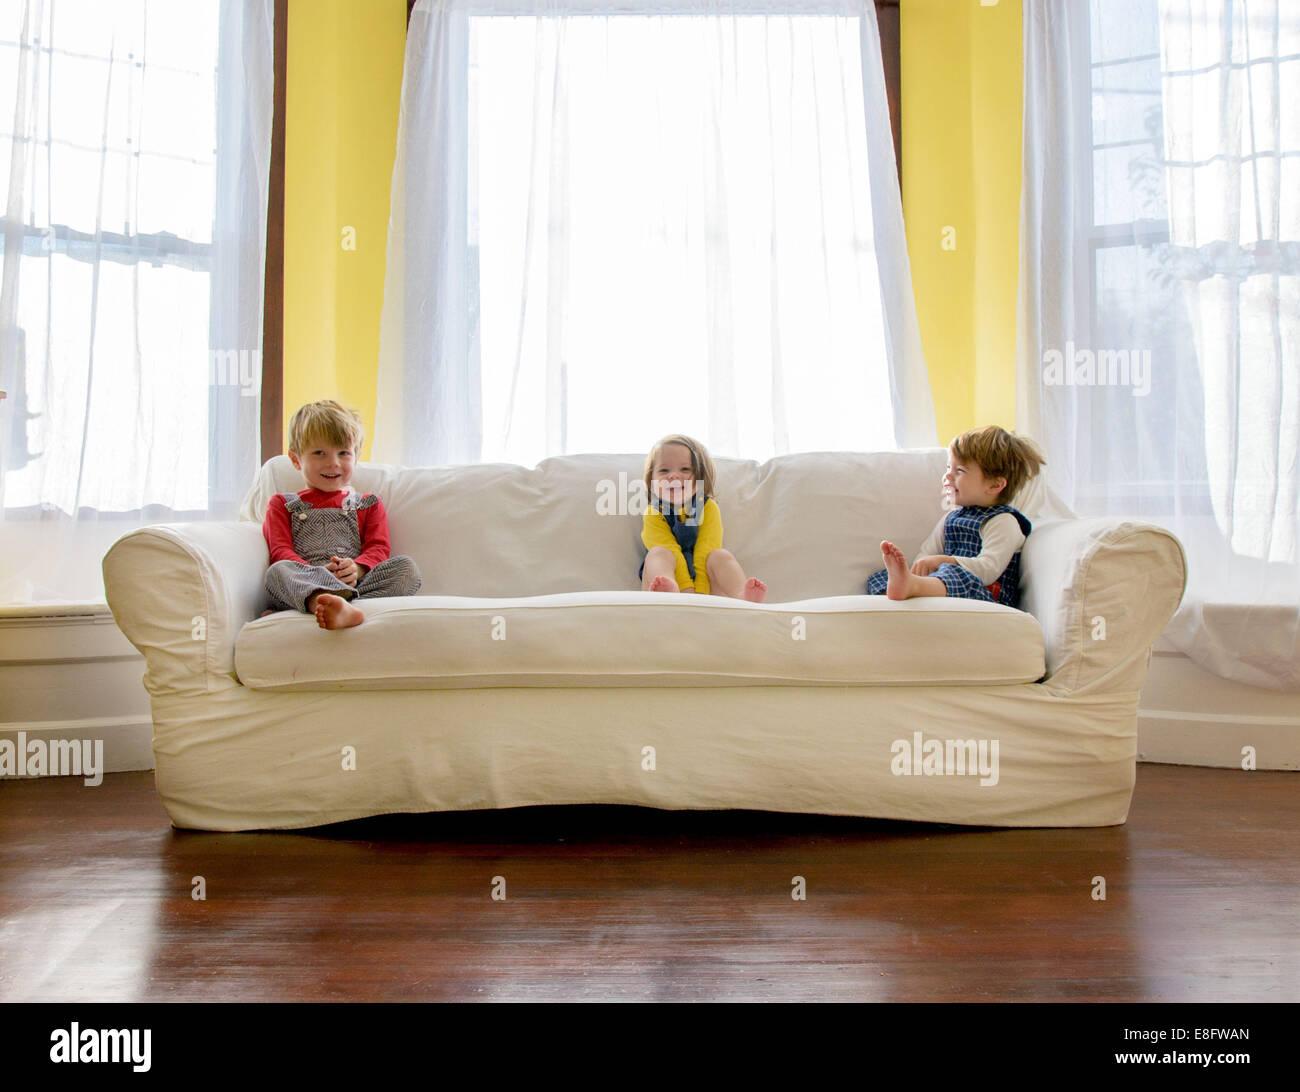 Bambini ( 2-3, 4-5 ) seduto sul divano Immagini Stock